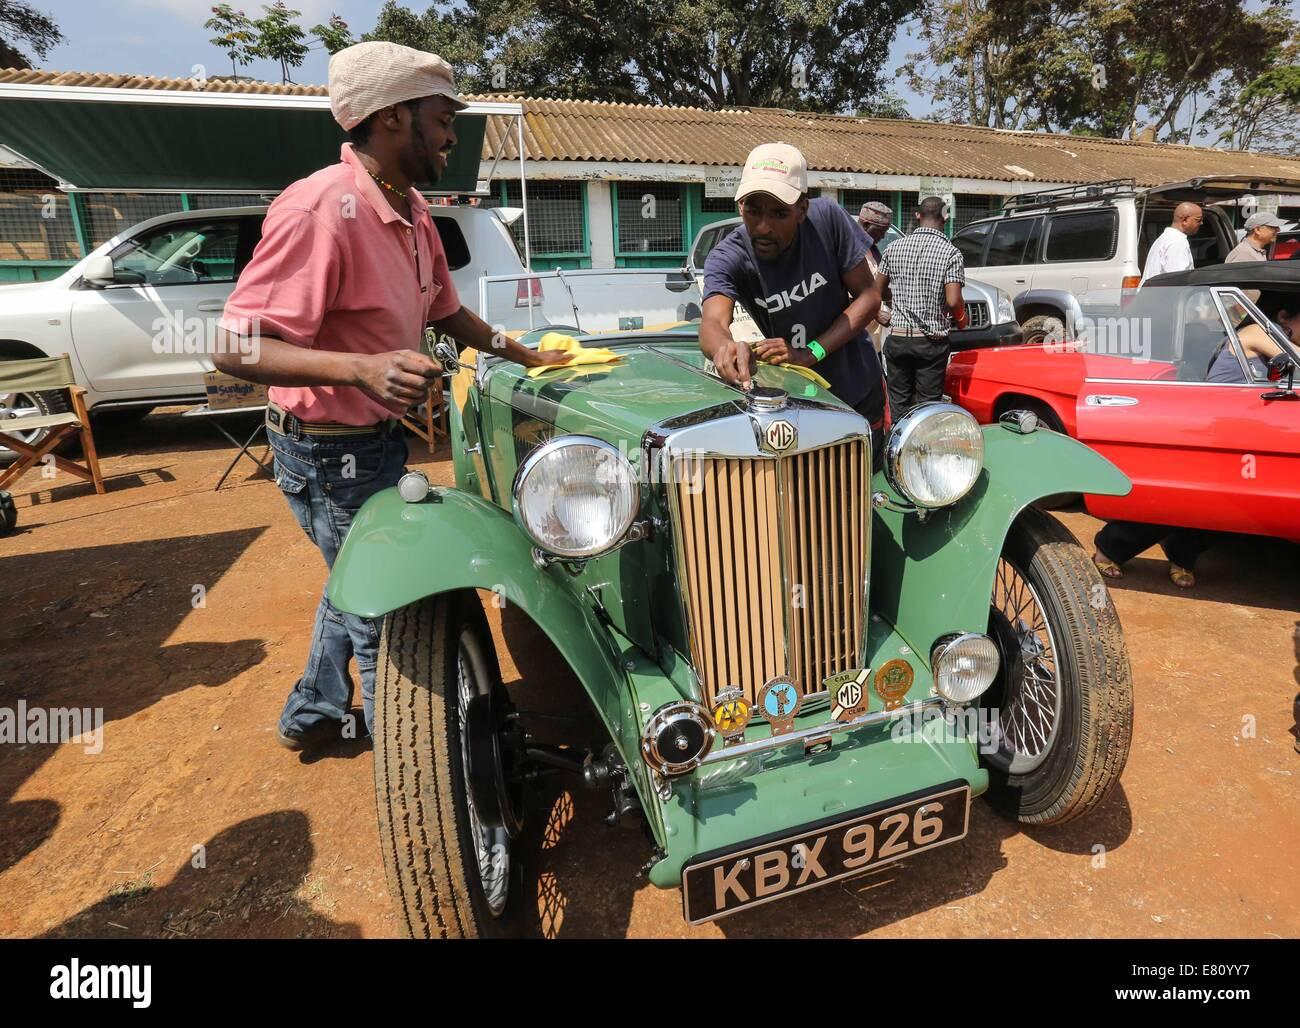 Nairobi, Kenya. 28th Sep, 2014. Staff workers wipe a vintage car ...